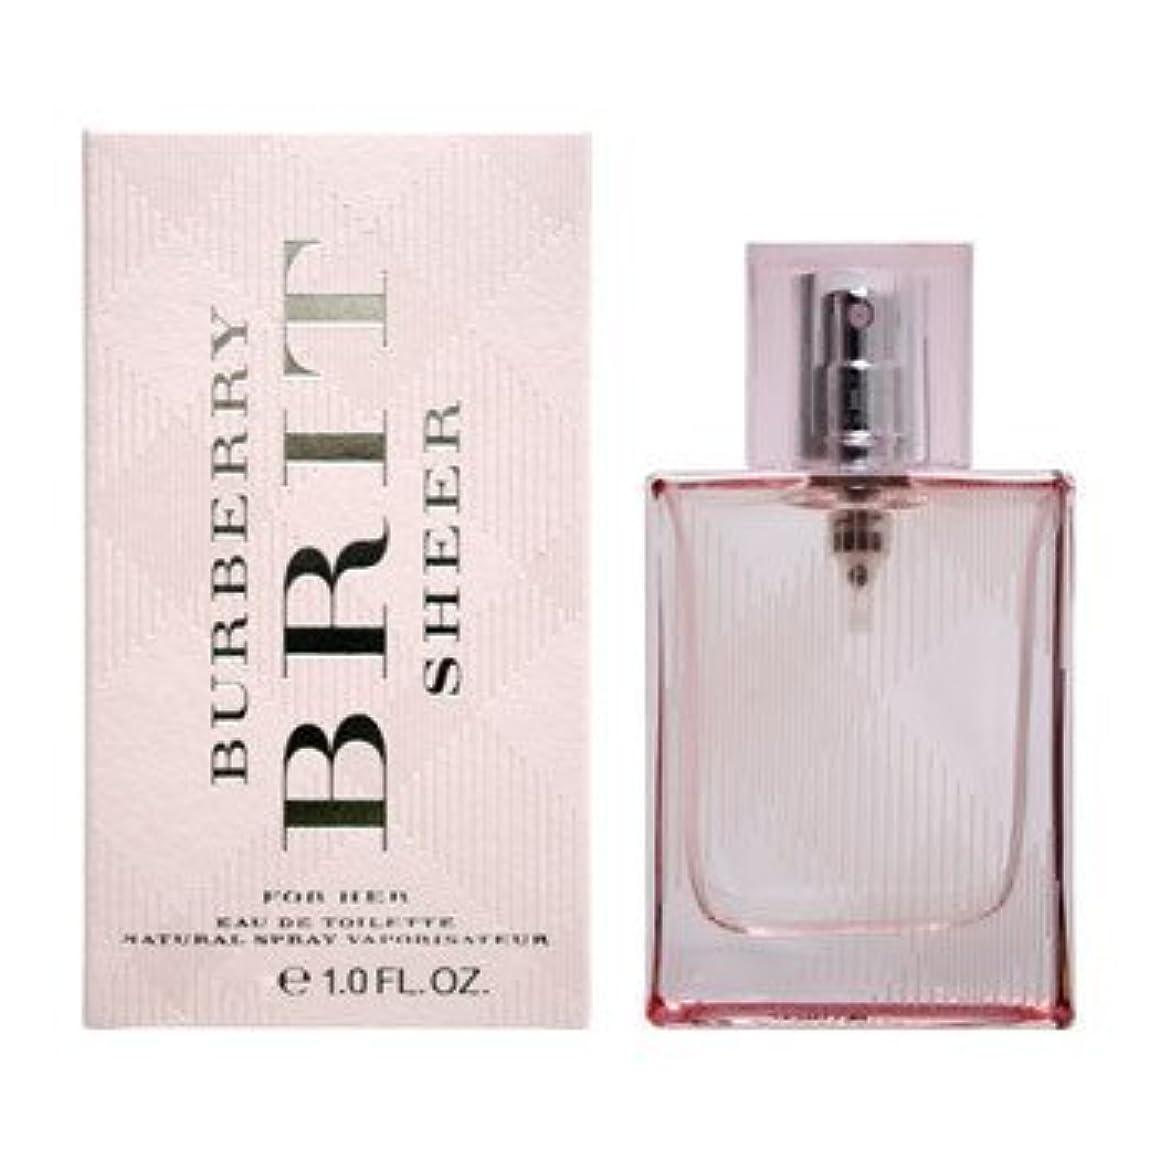 【バーバリー 香水】ブリット シアー ET 30ML SP 【並行輸入品】